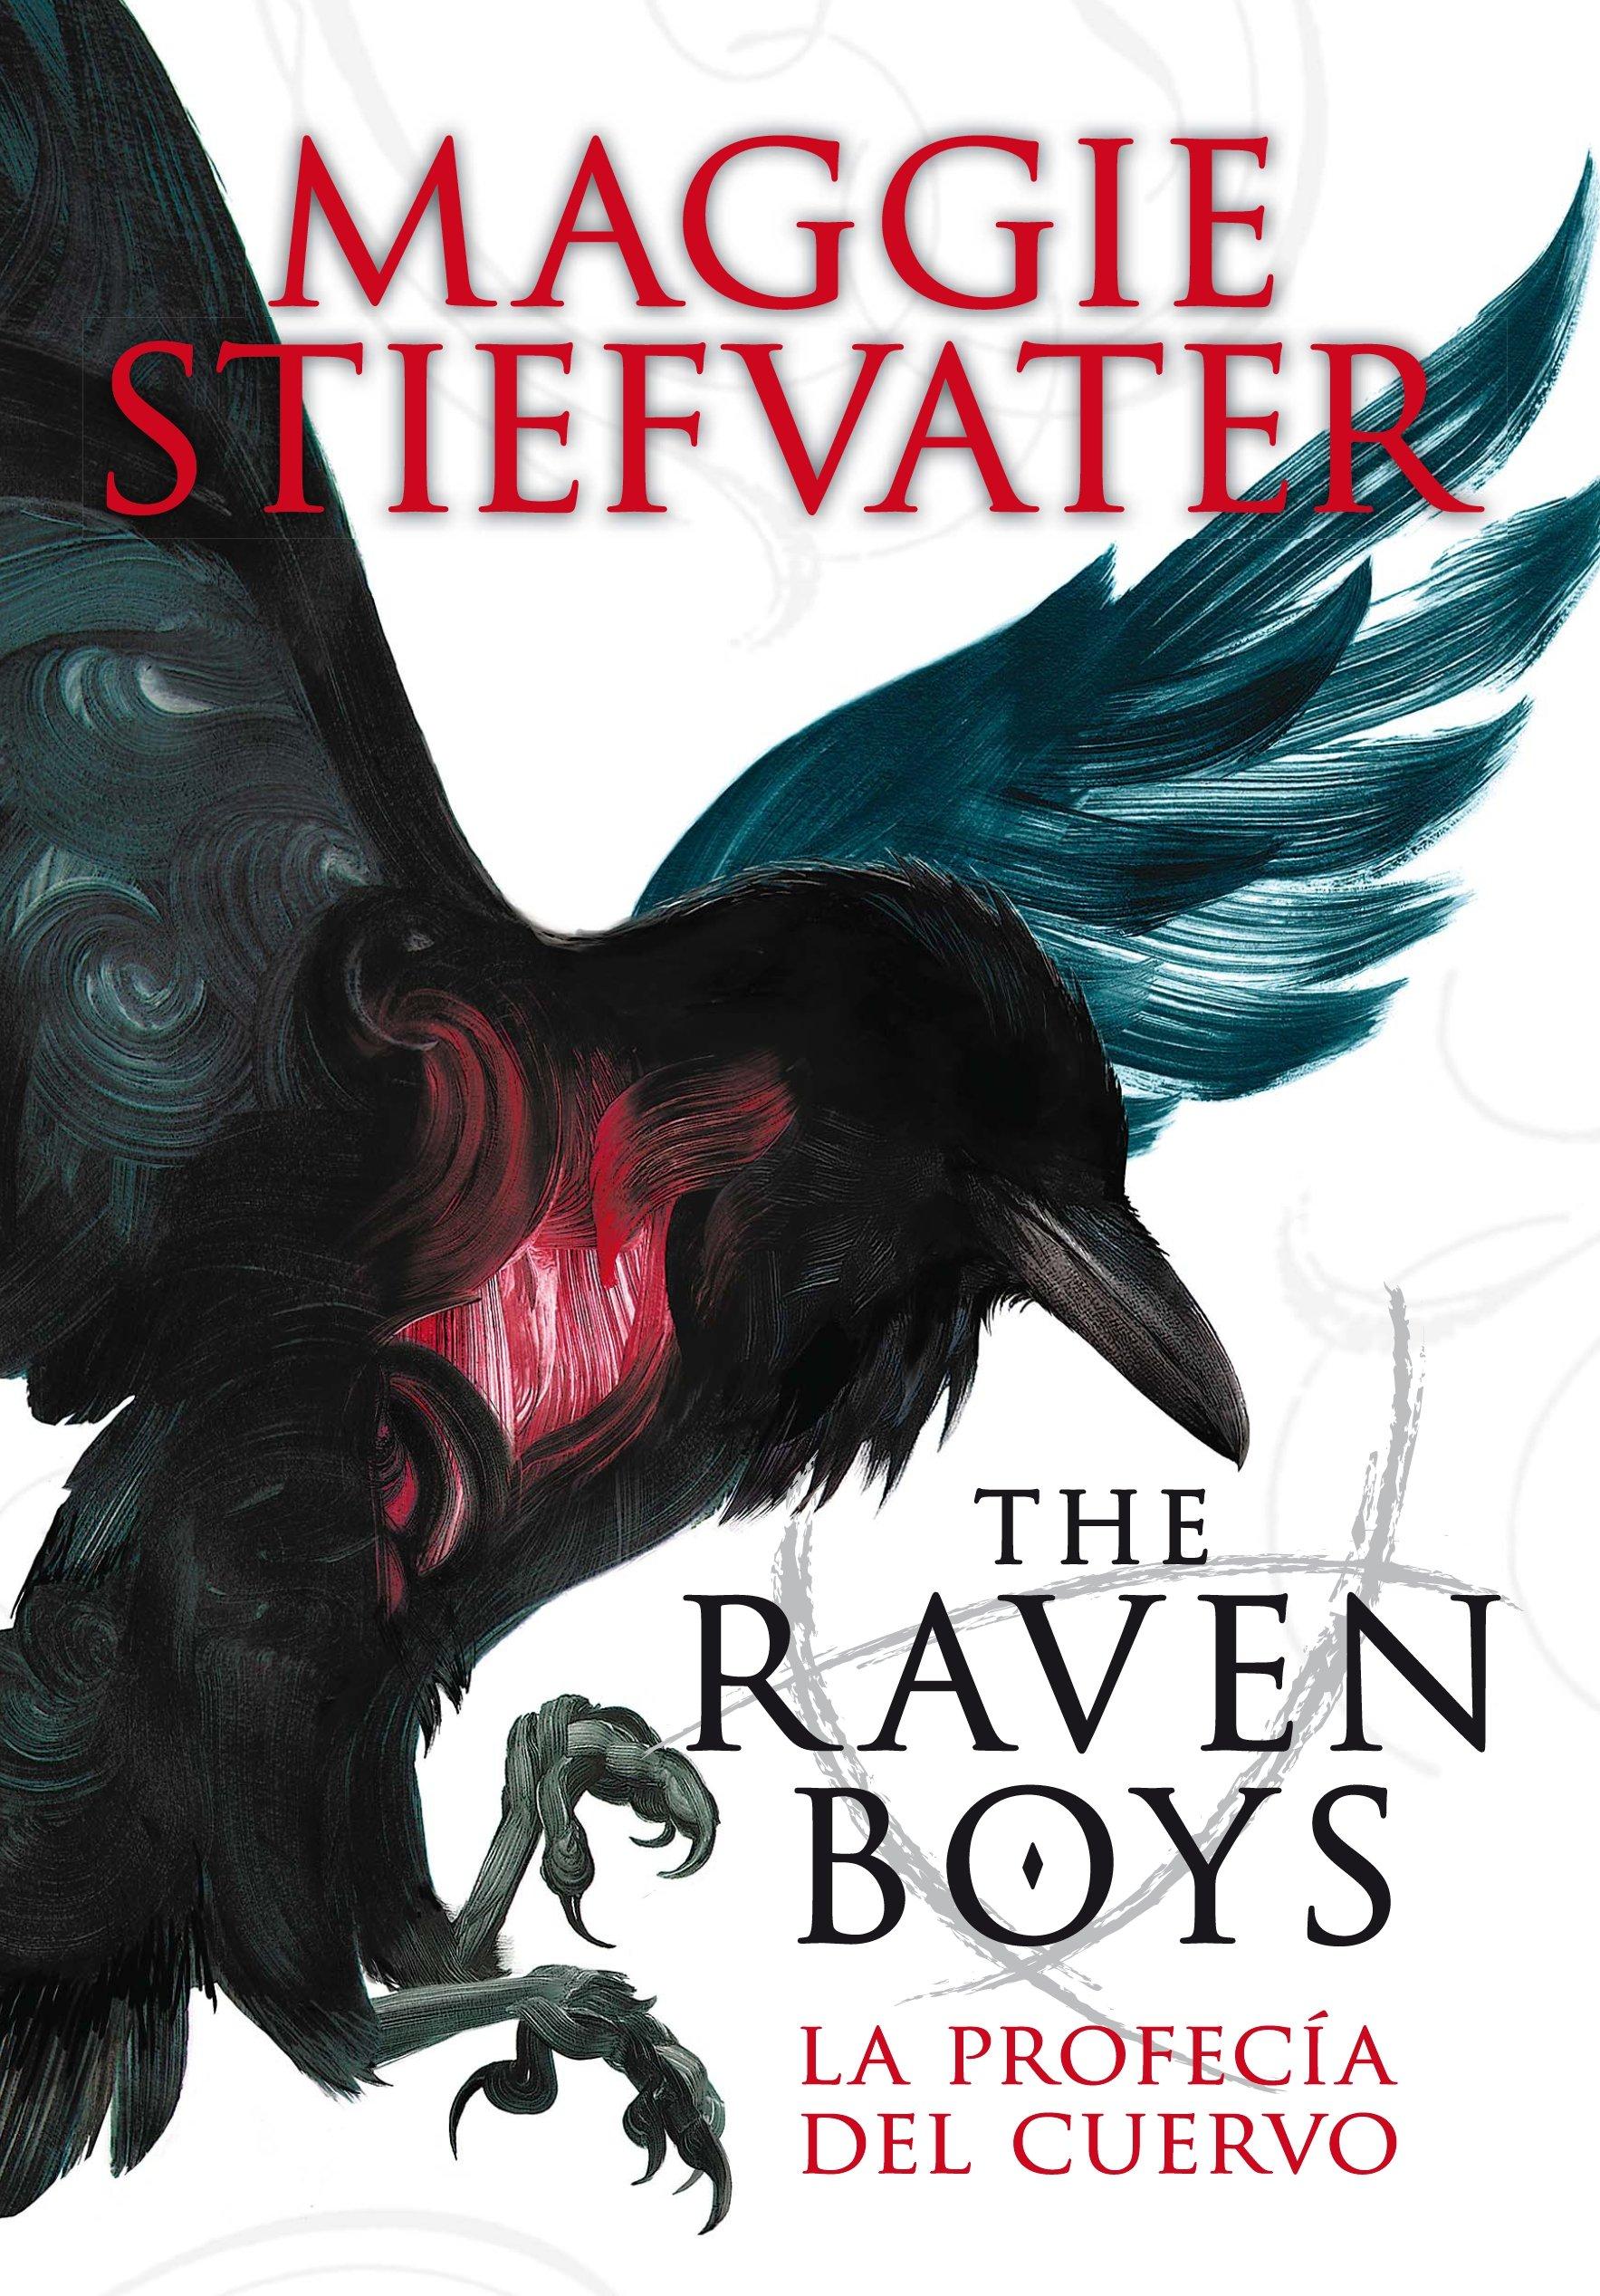 The Raven Boys: La profecía del cuervo: Amazon.es: Stiefvater, Maggie: Libros